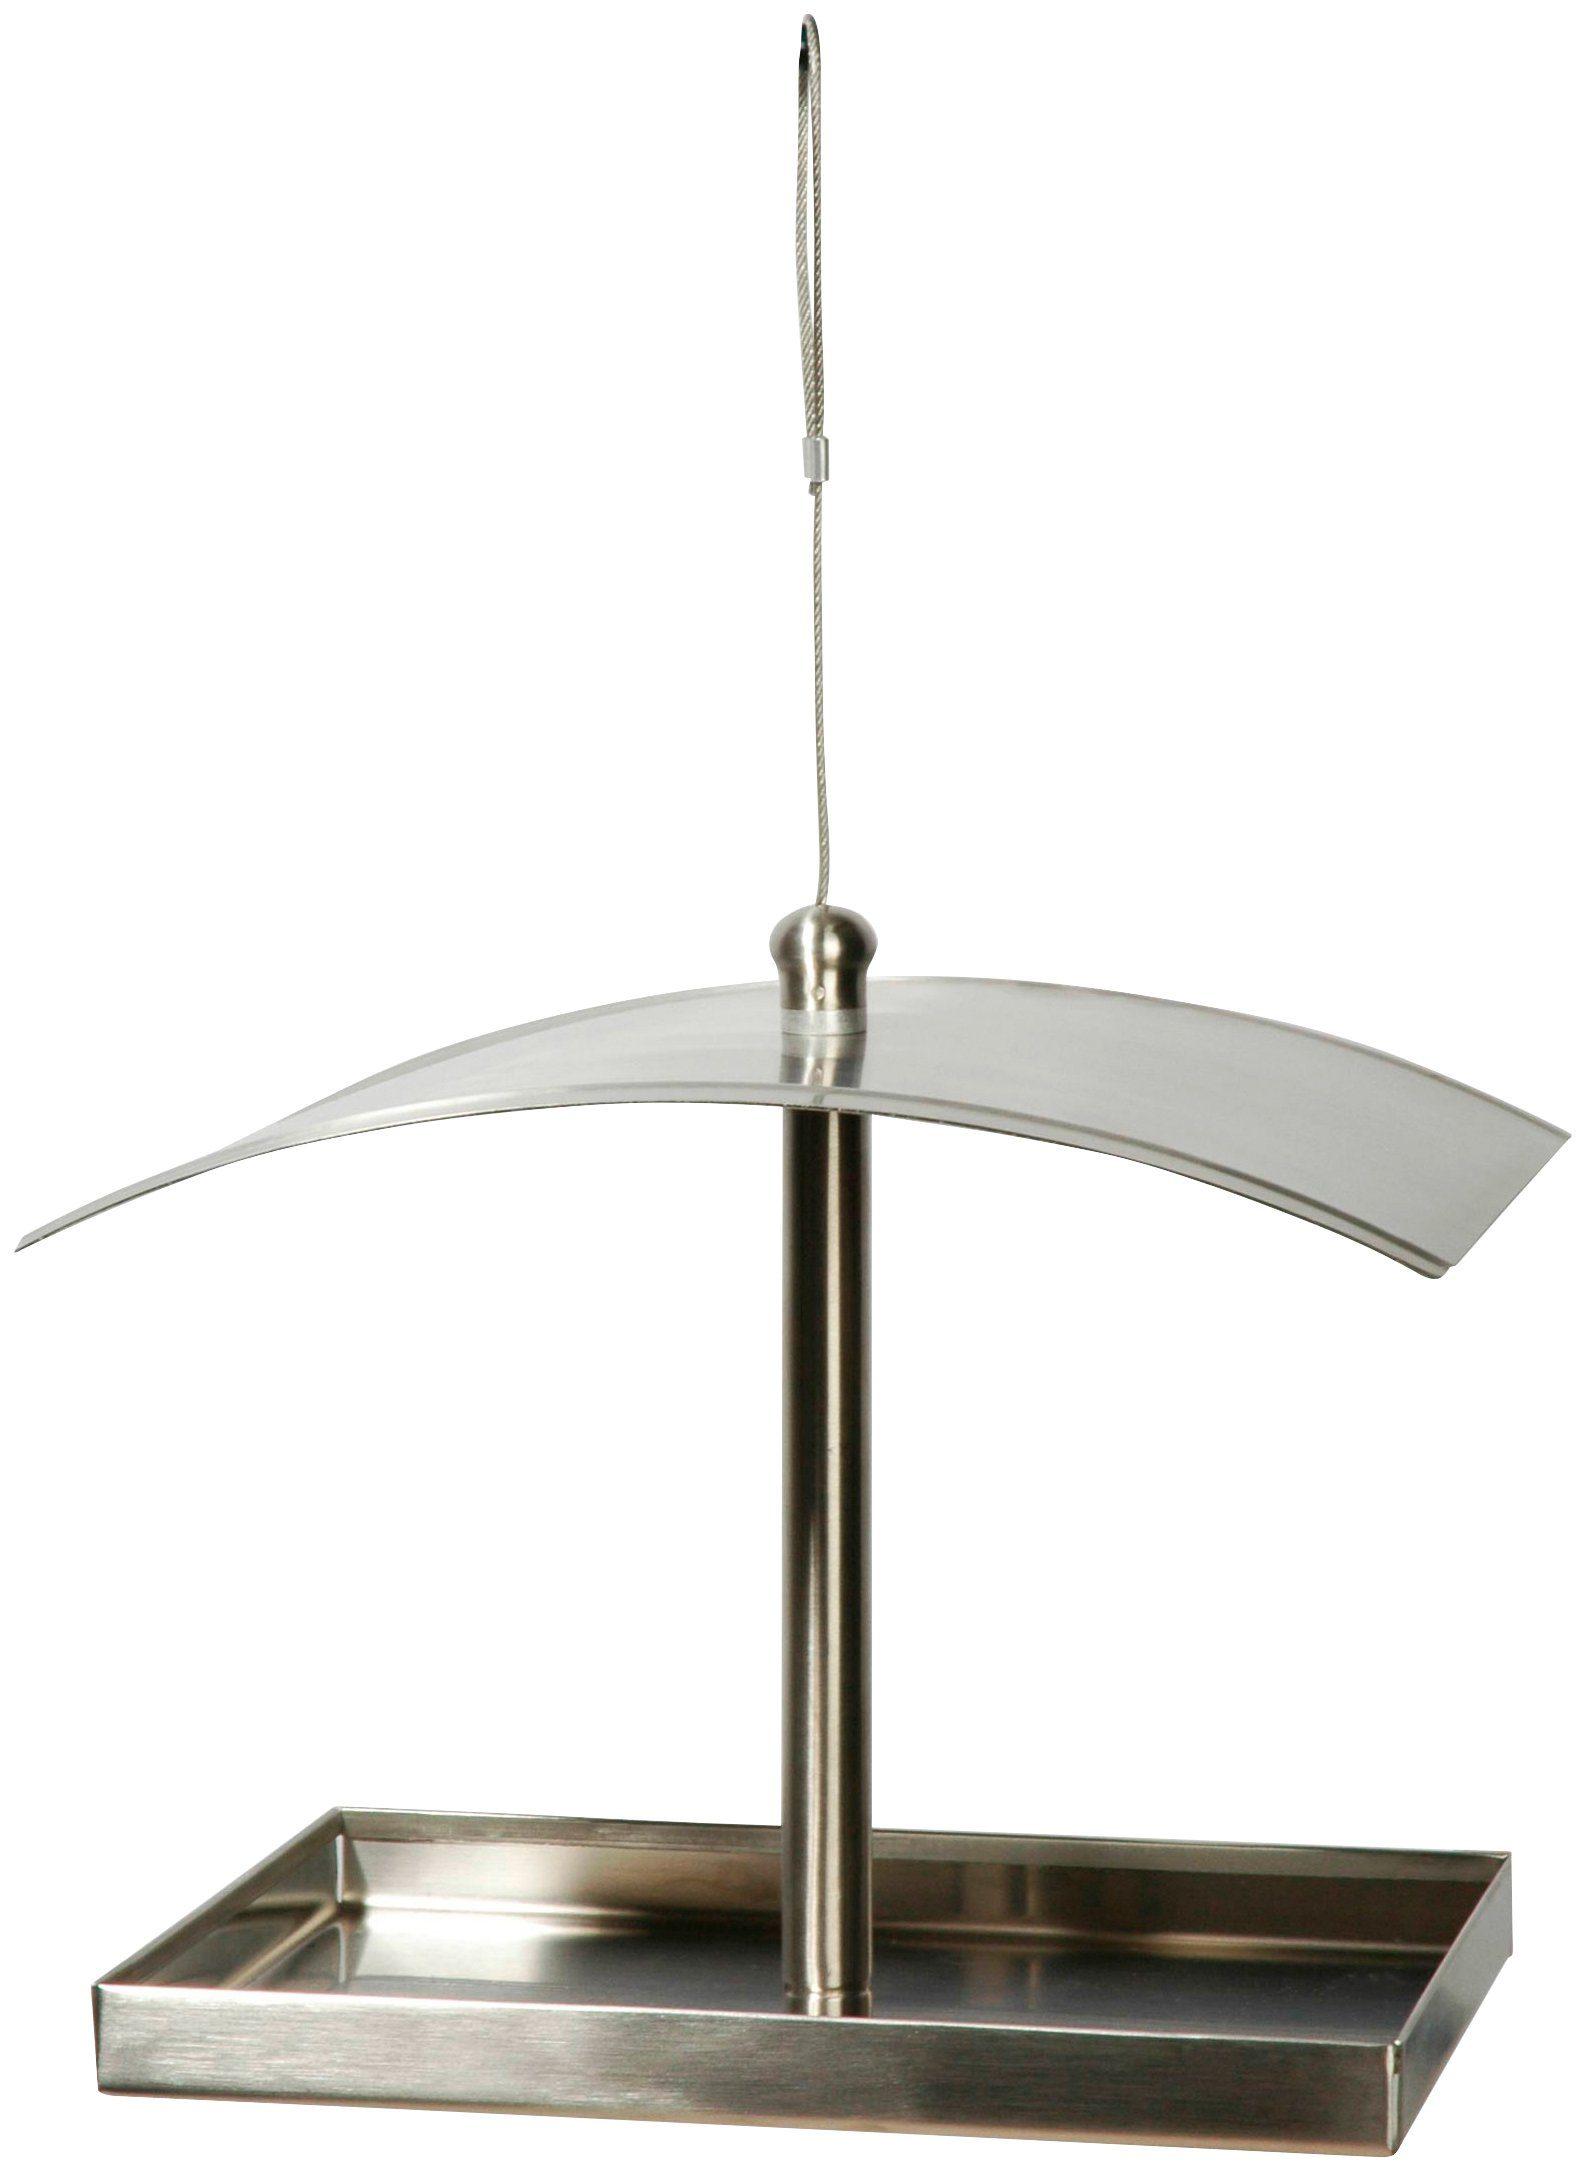 LUXUS-VOGELHAUS Vogelhaus »Metallglanz«, BxTxH: 24x17x20 cm